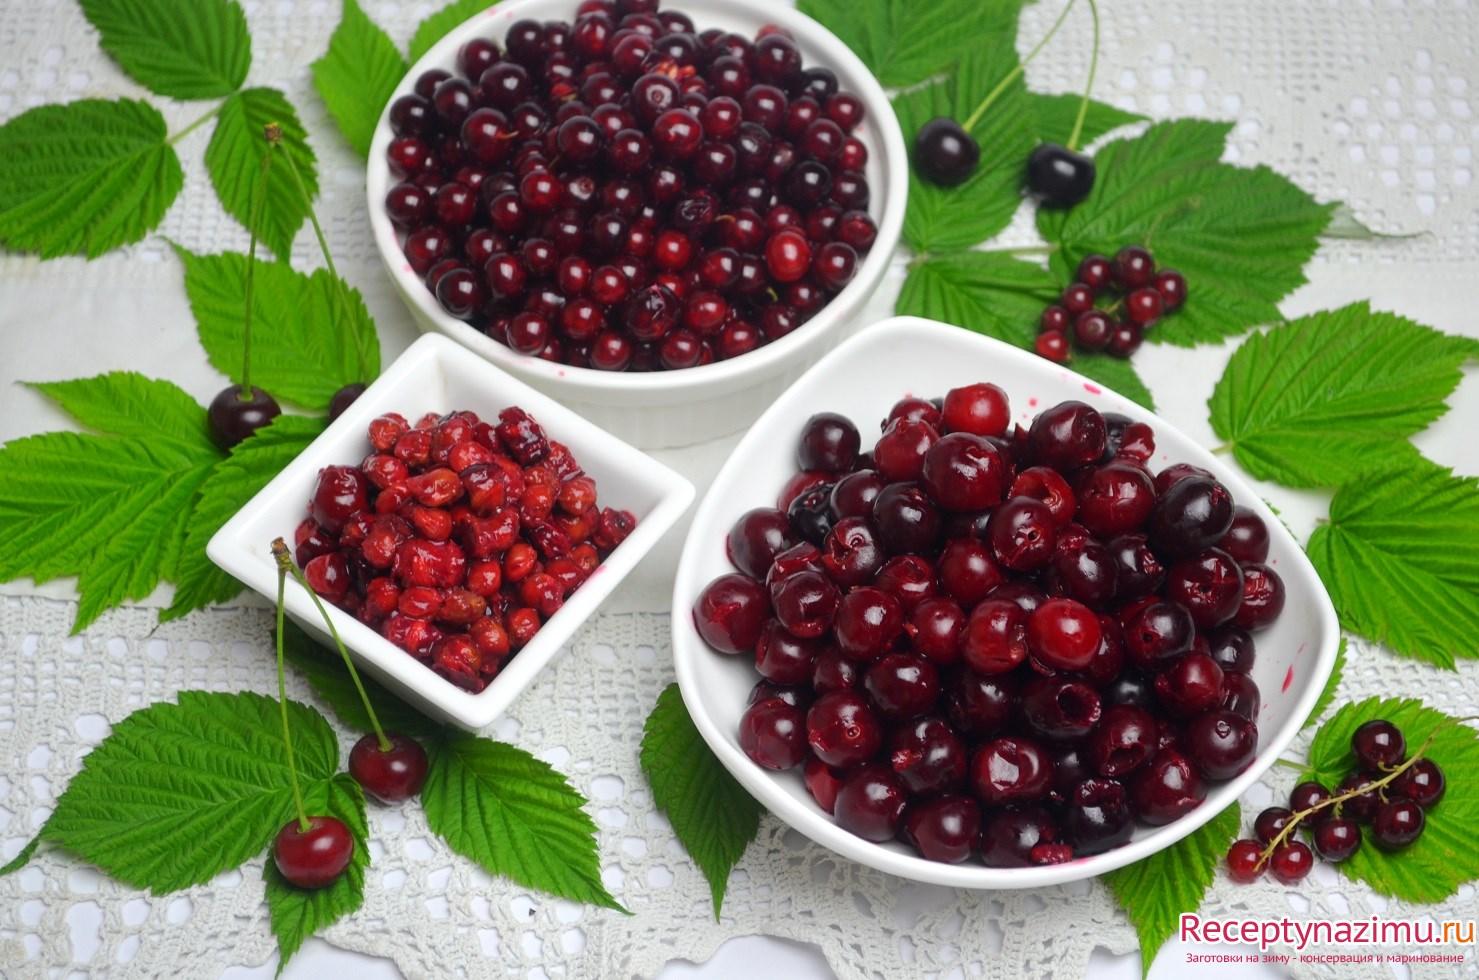 """Джем из красной смородины и вишни """" Вкусные рецепты заготовок на зиму - засолка, консервация, маринование"""